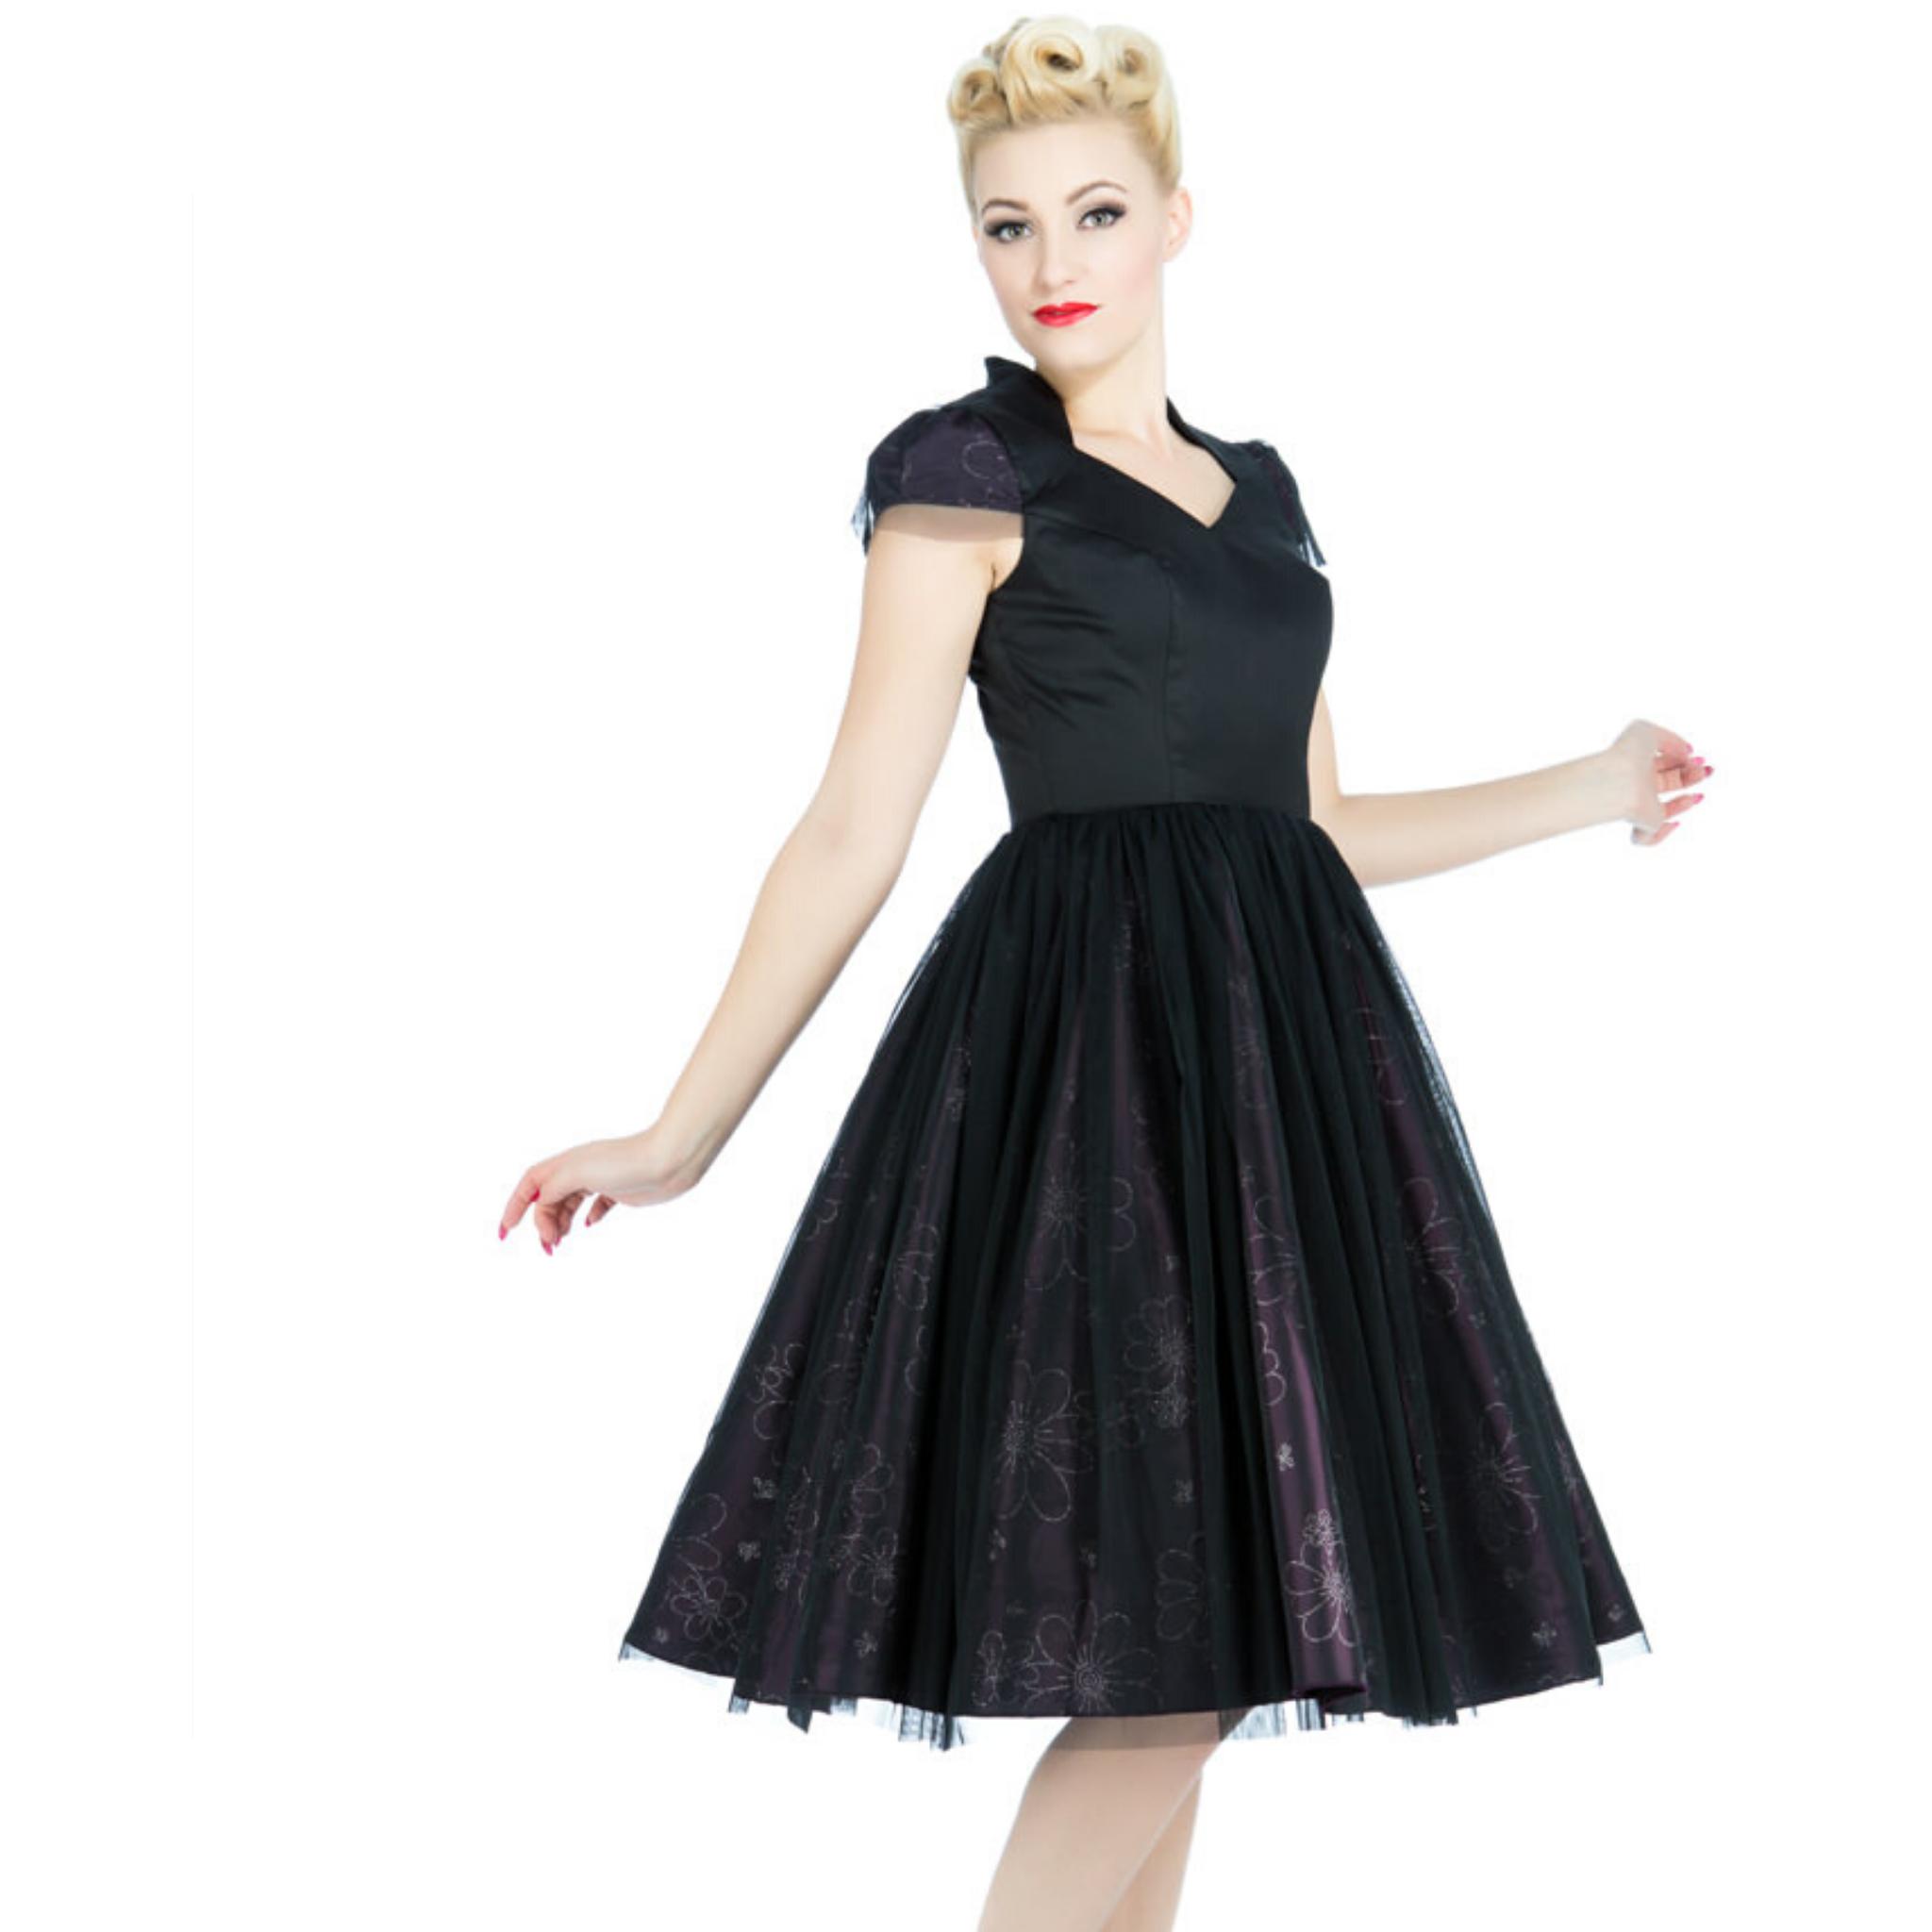 Robe de soirée années 50 en satin noir et violet,  H&RLondres